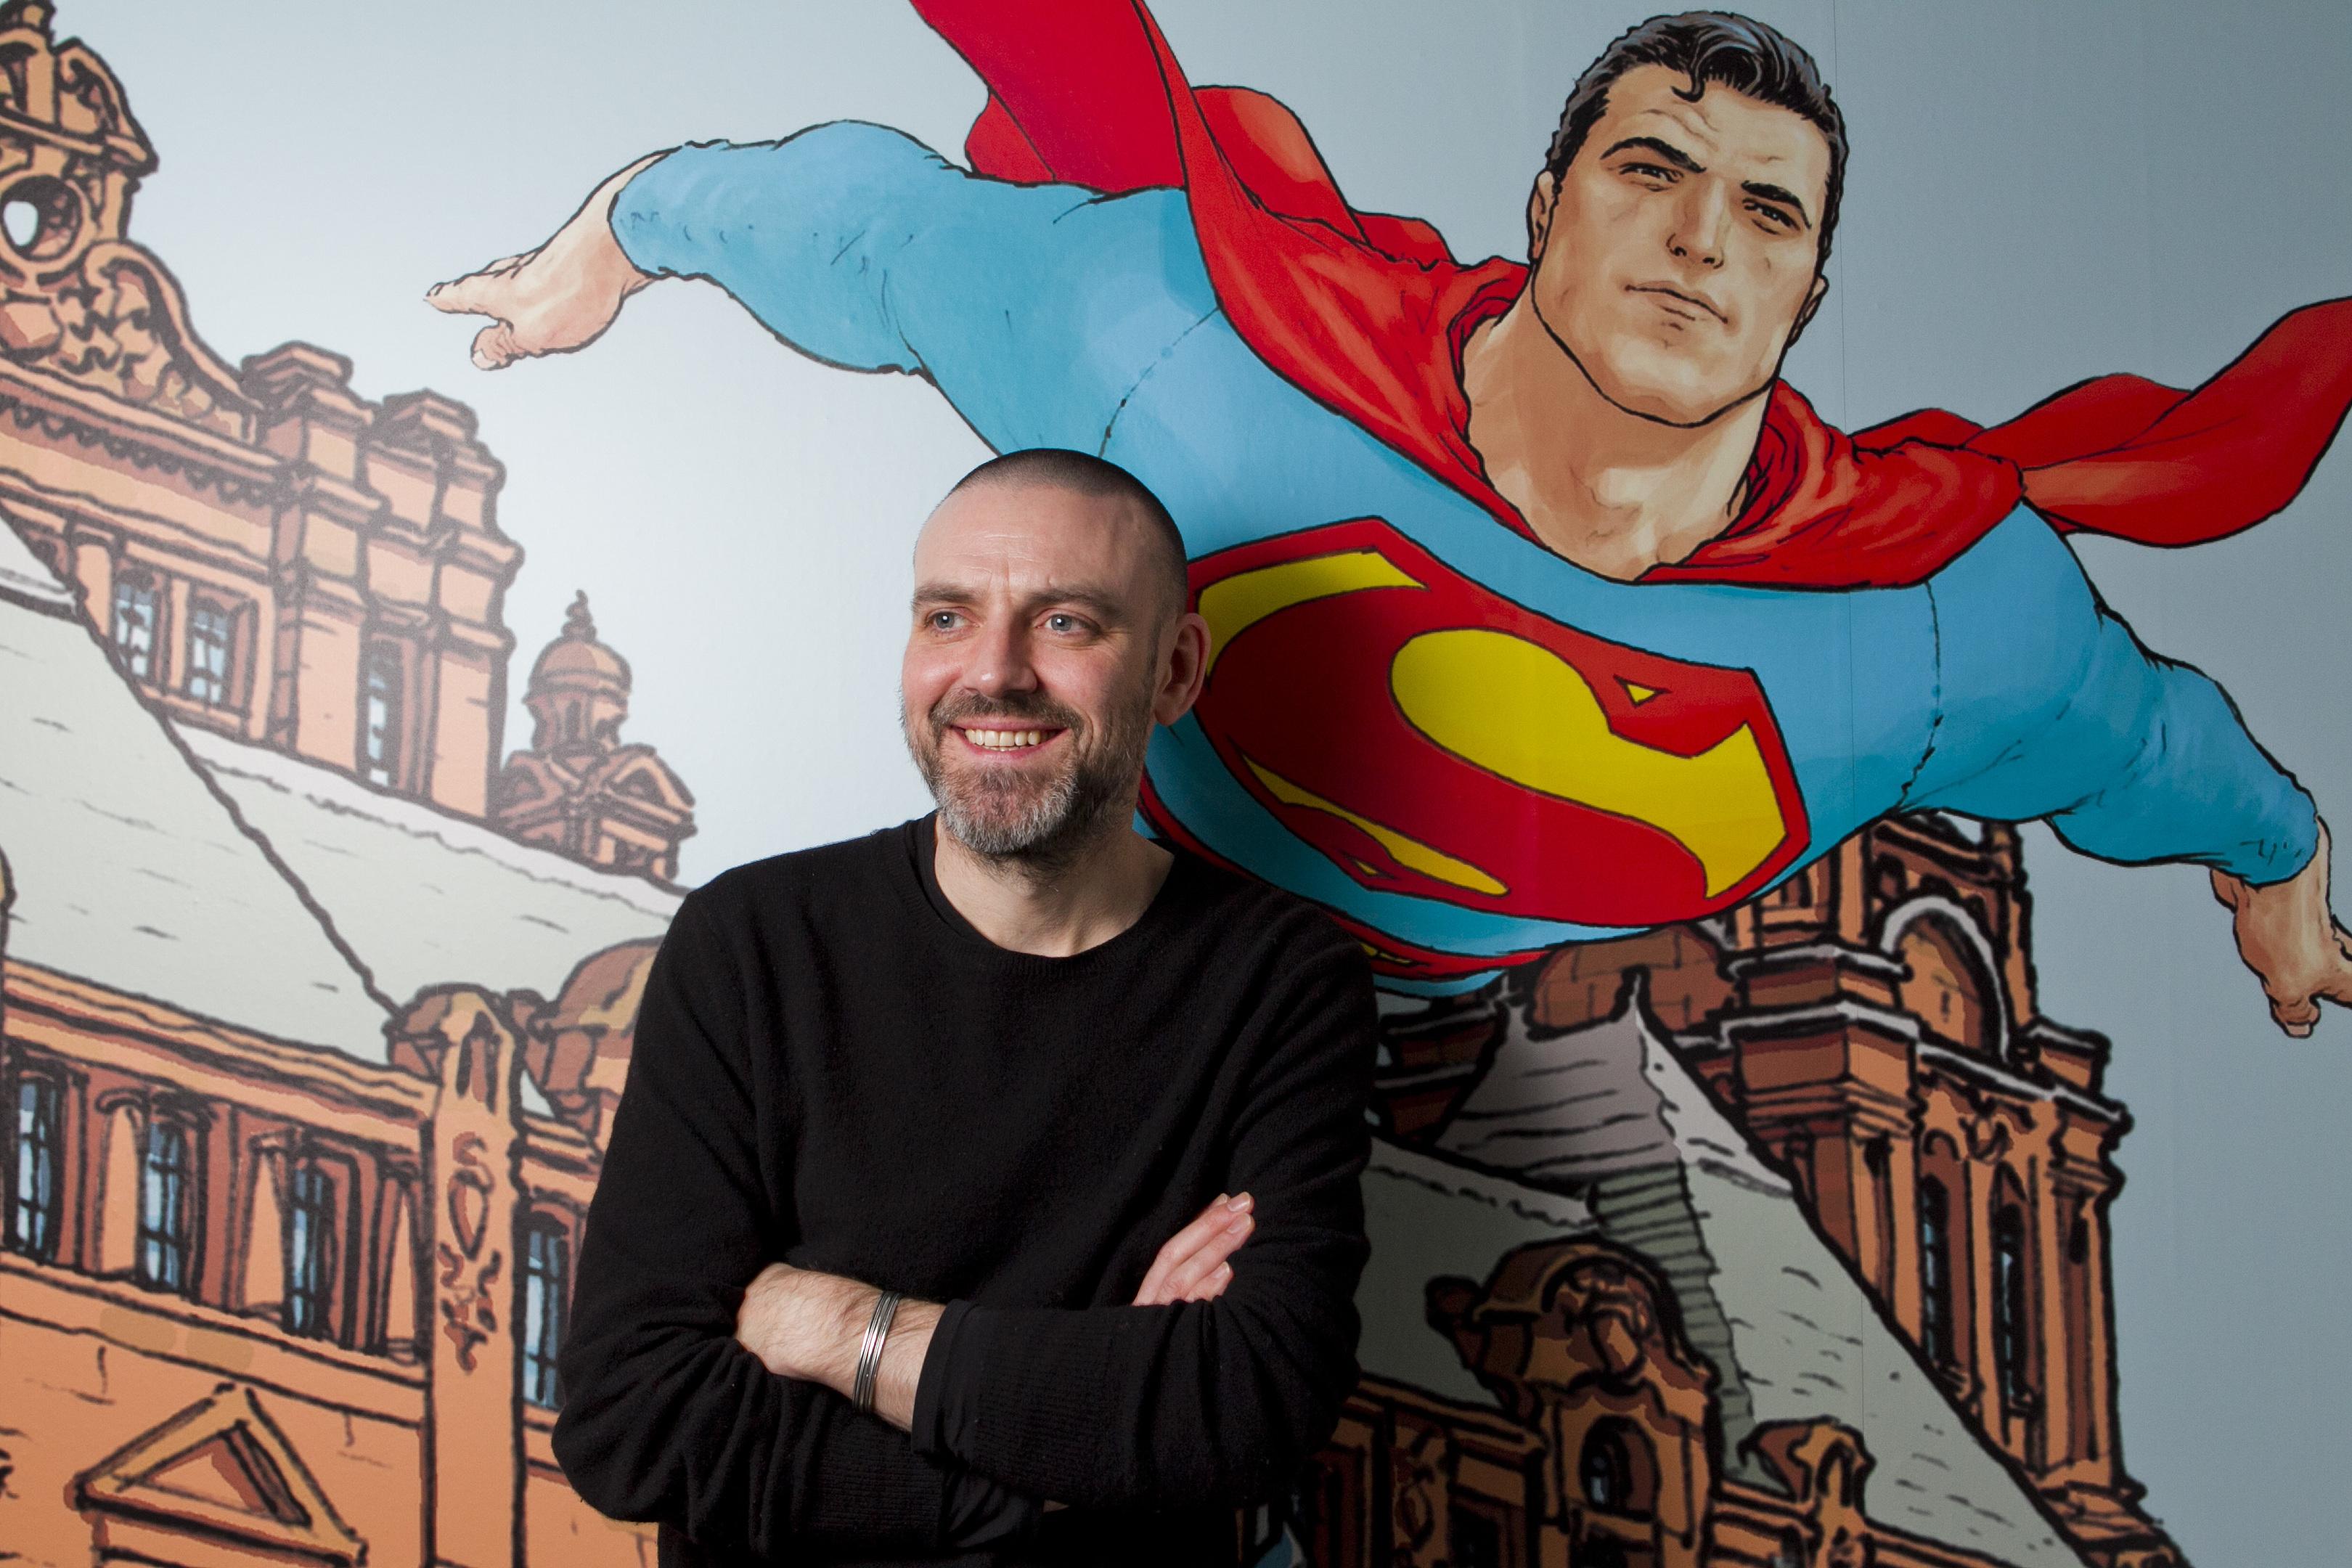 Comic artist Frank Quitely